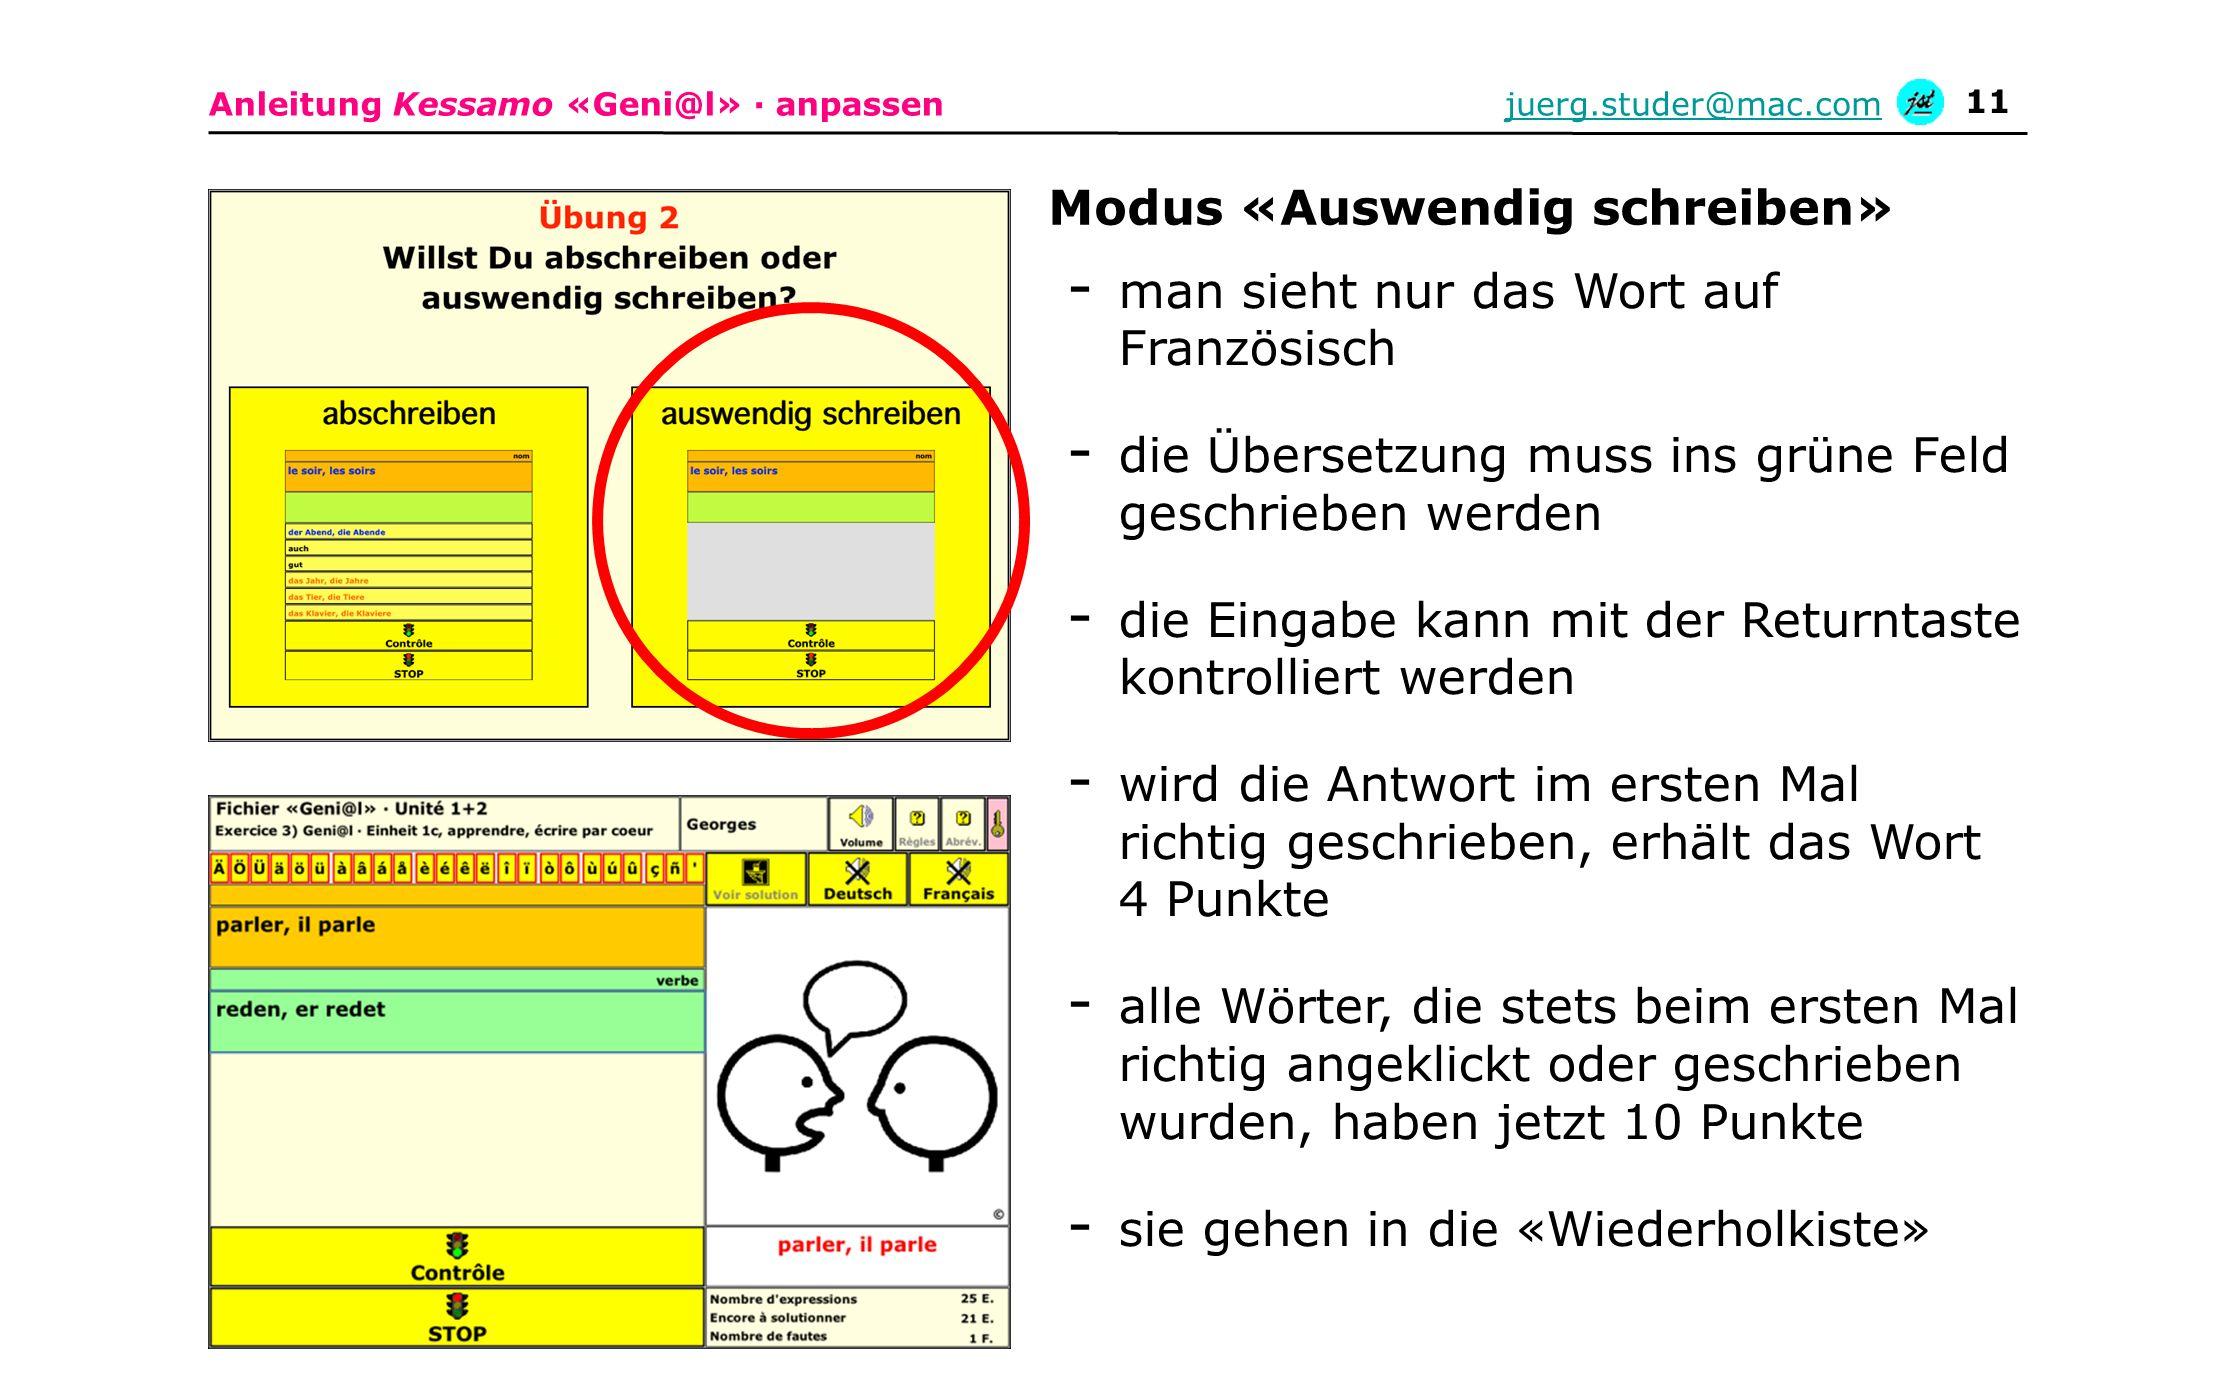 Anleitung Kessamo «Geni@l» · anpassenjuerg.studer@mac.com 11 - man sieht nur das Wort auf Französisch - die Übersetzung muss ins grüne Feld geschriebe